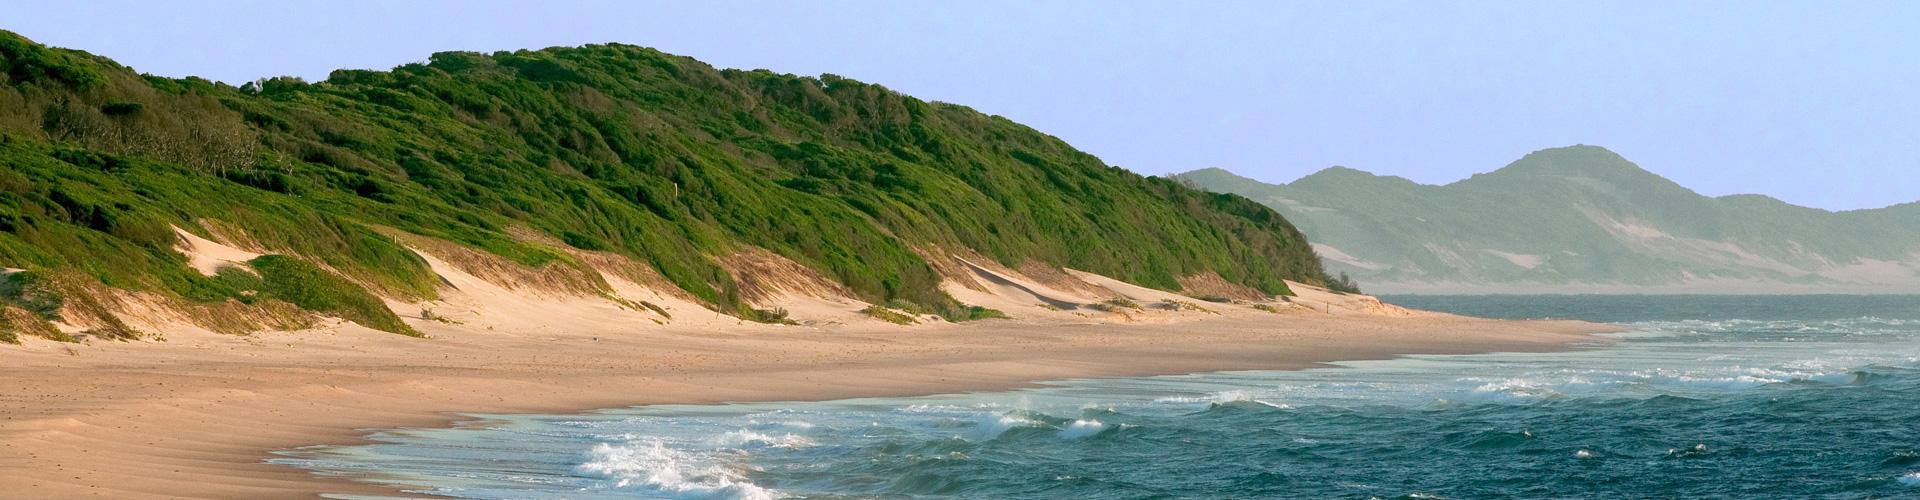 Ponta Mamoli Beaches